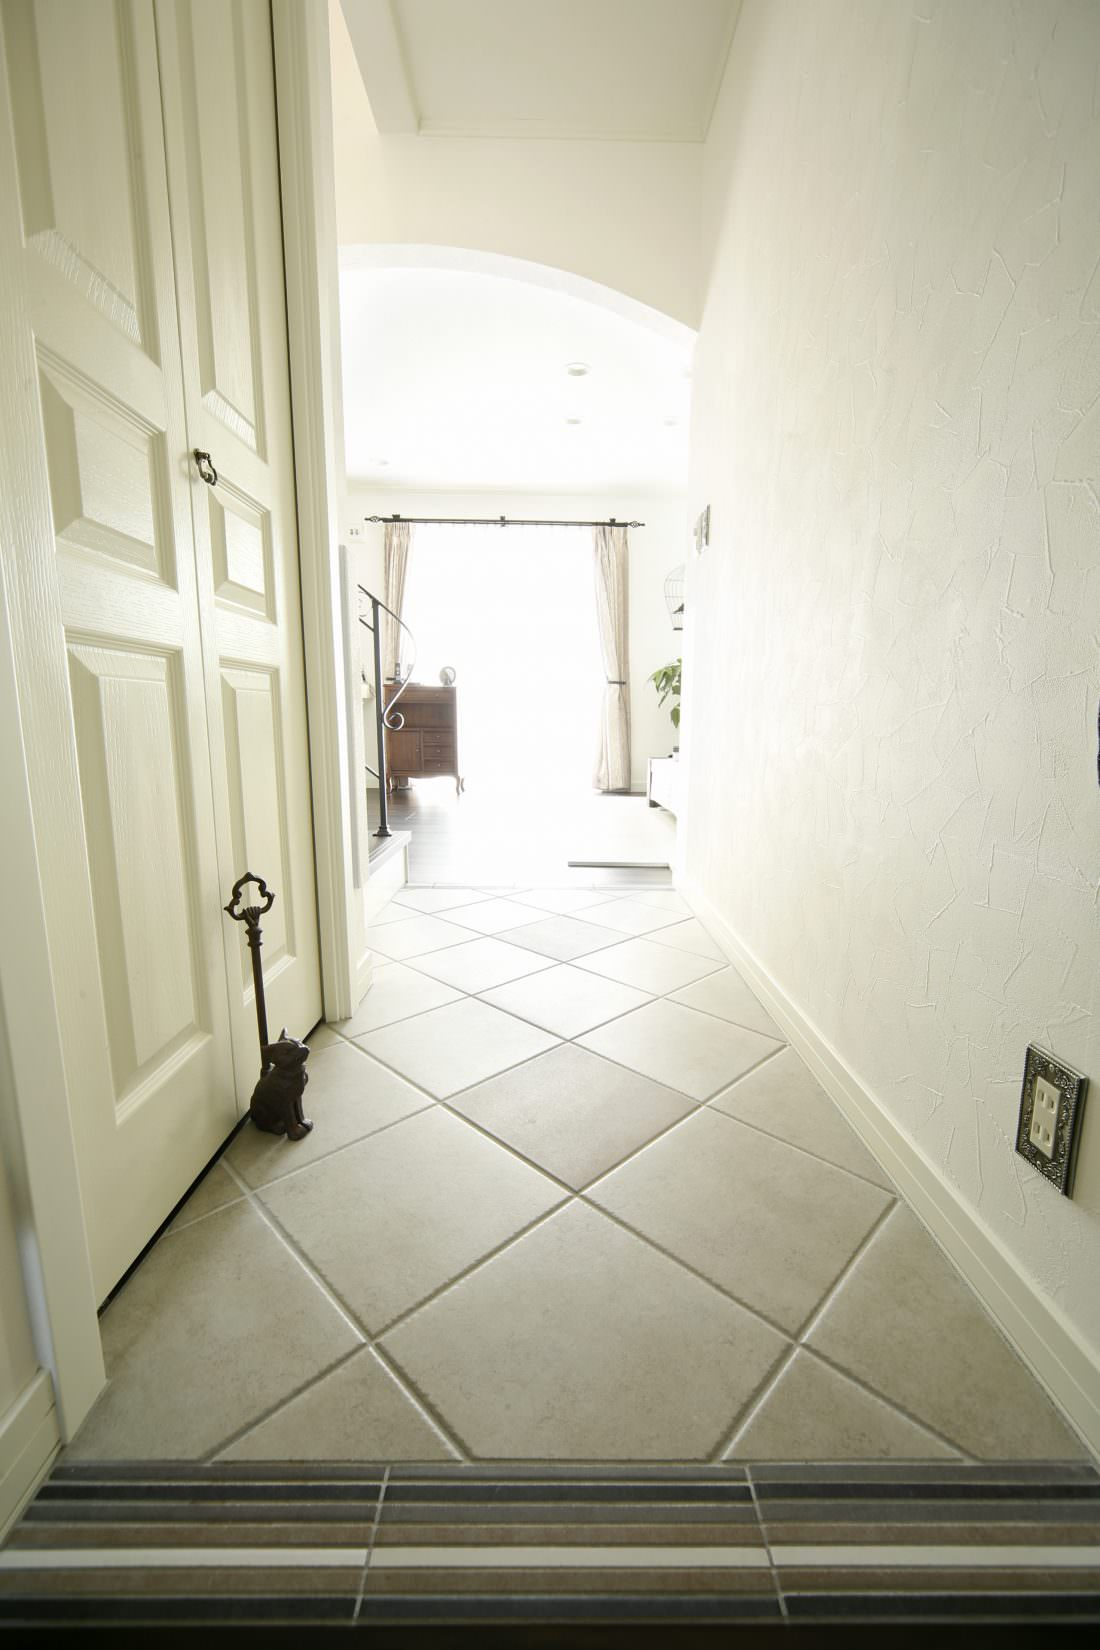 白いテラコッタタイルの床が印象的なホール